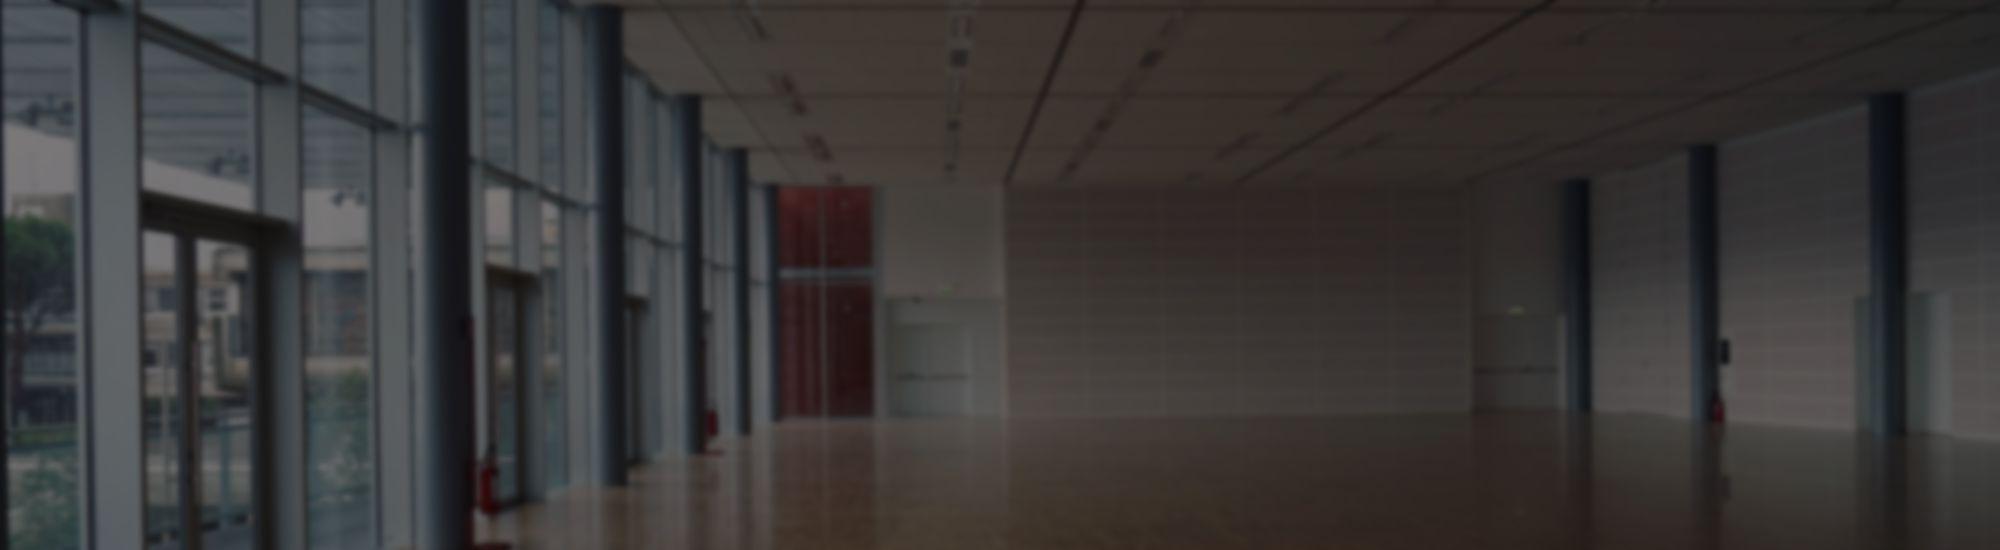 Aldel construcciones | Líderes en confort térmico y acústico